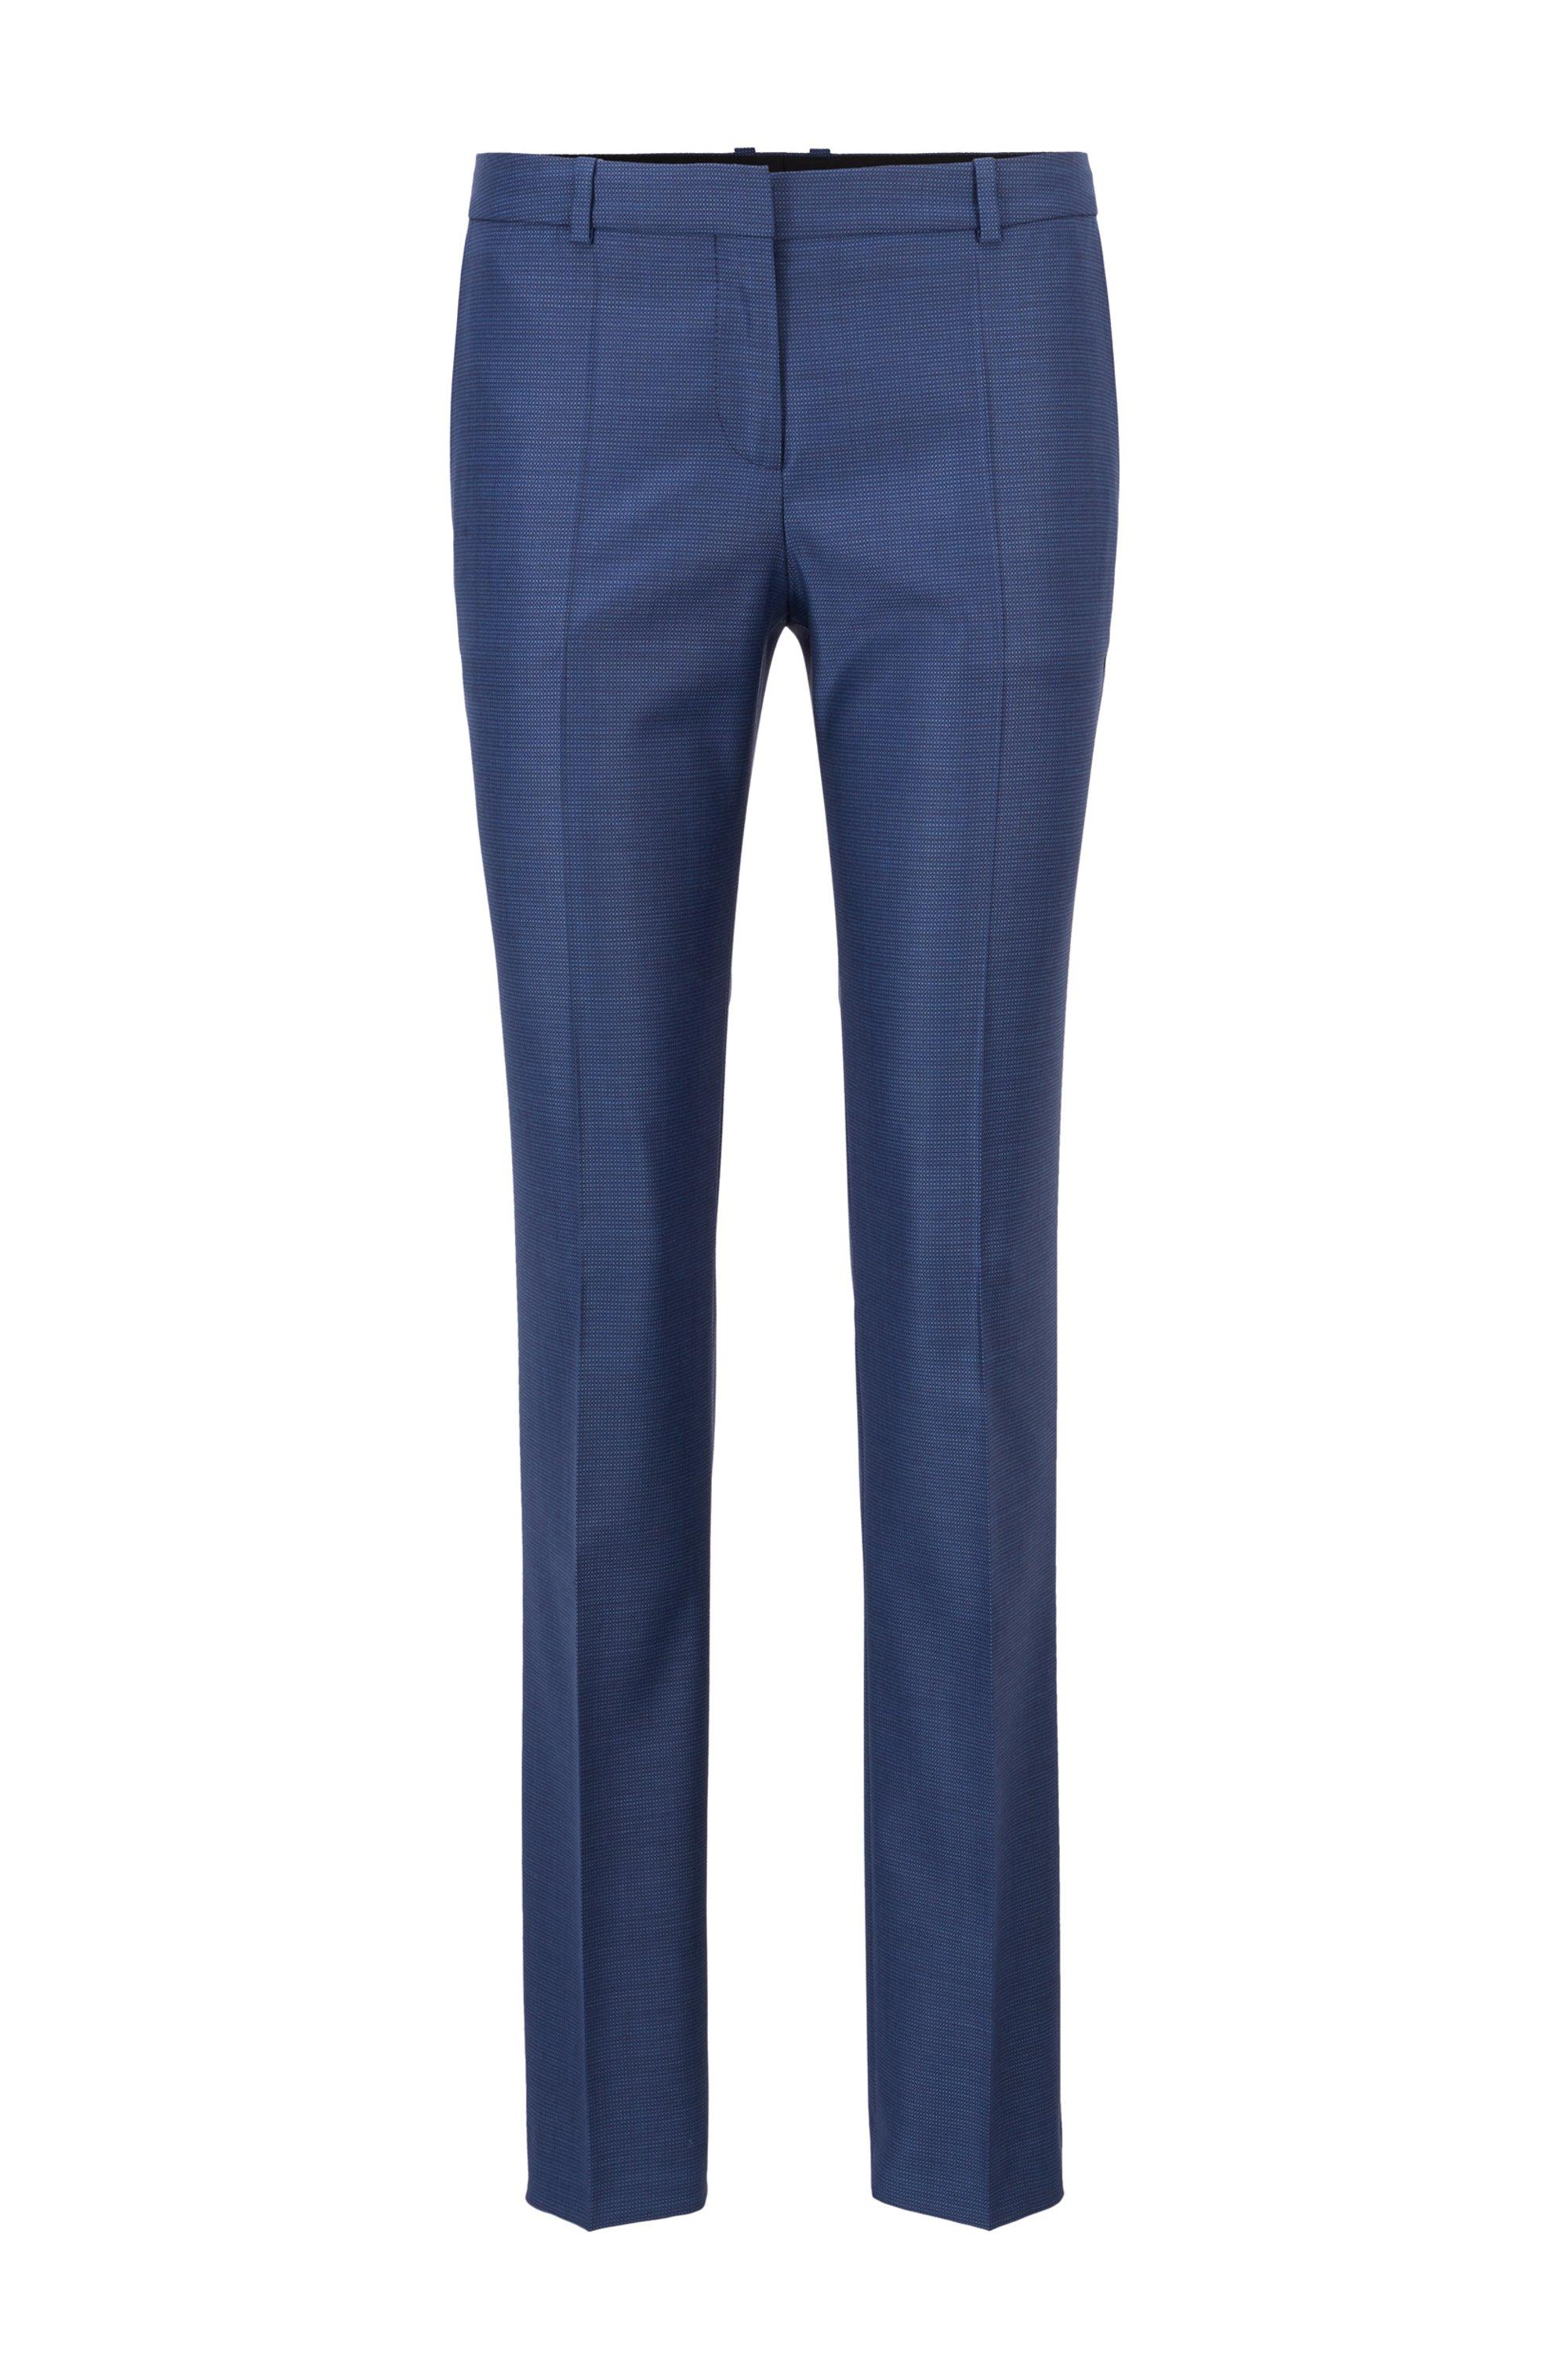 Regular-fit pants in micro-pattern virgin wool, Patterned